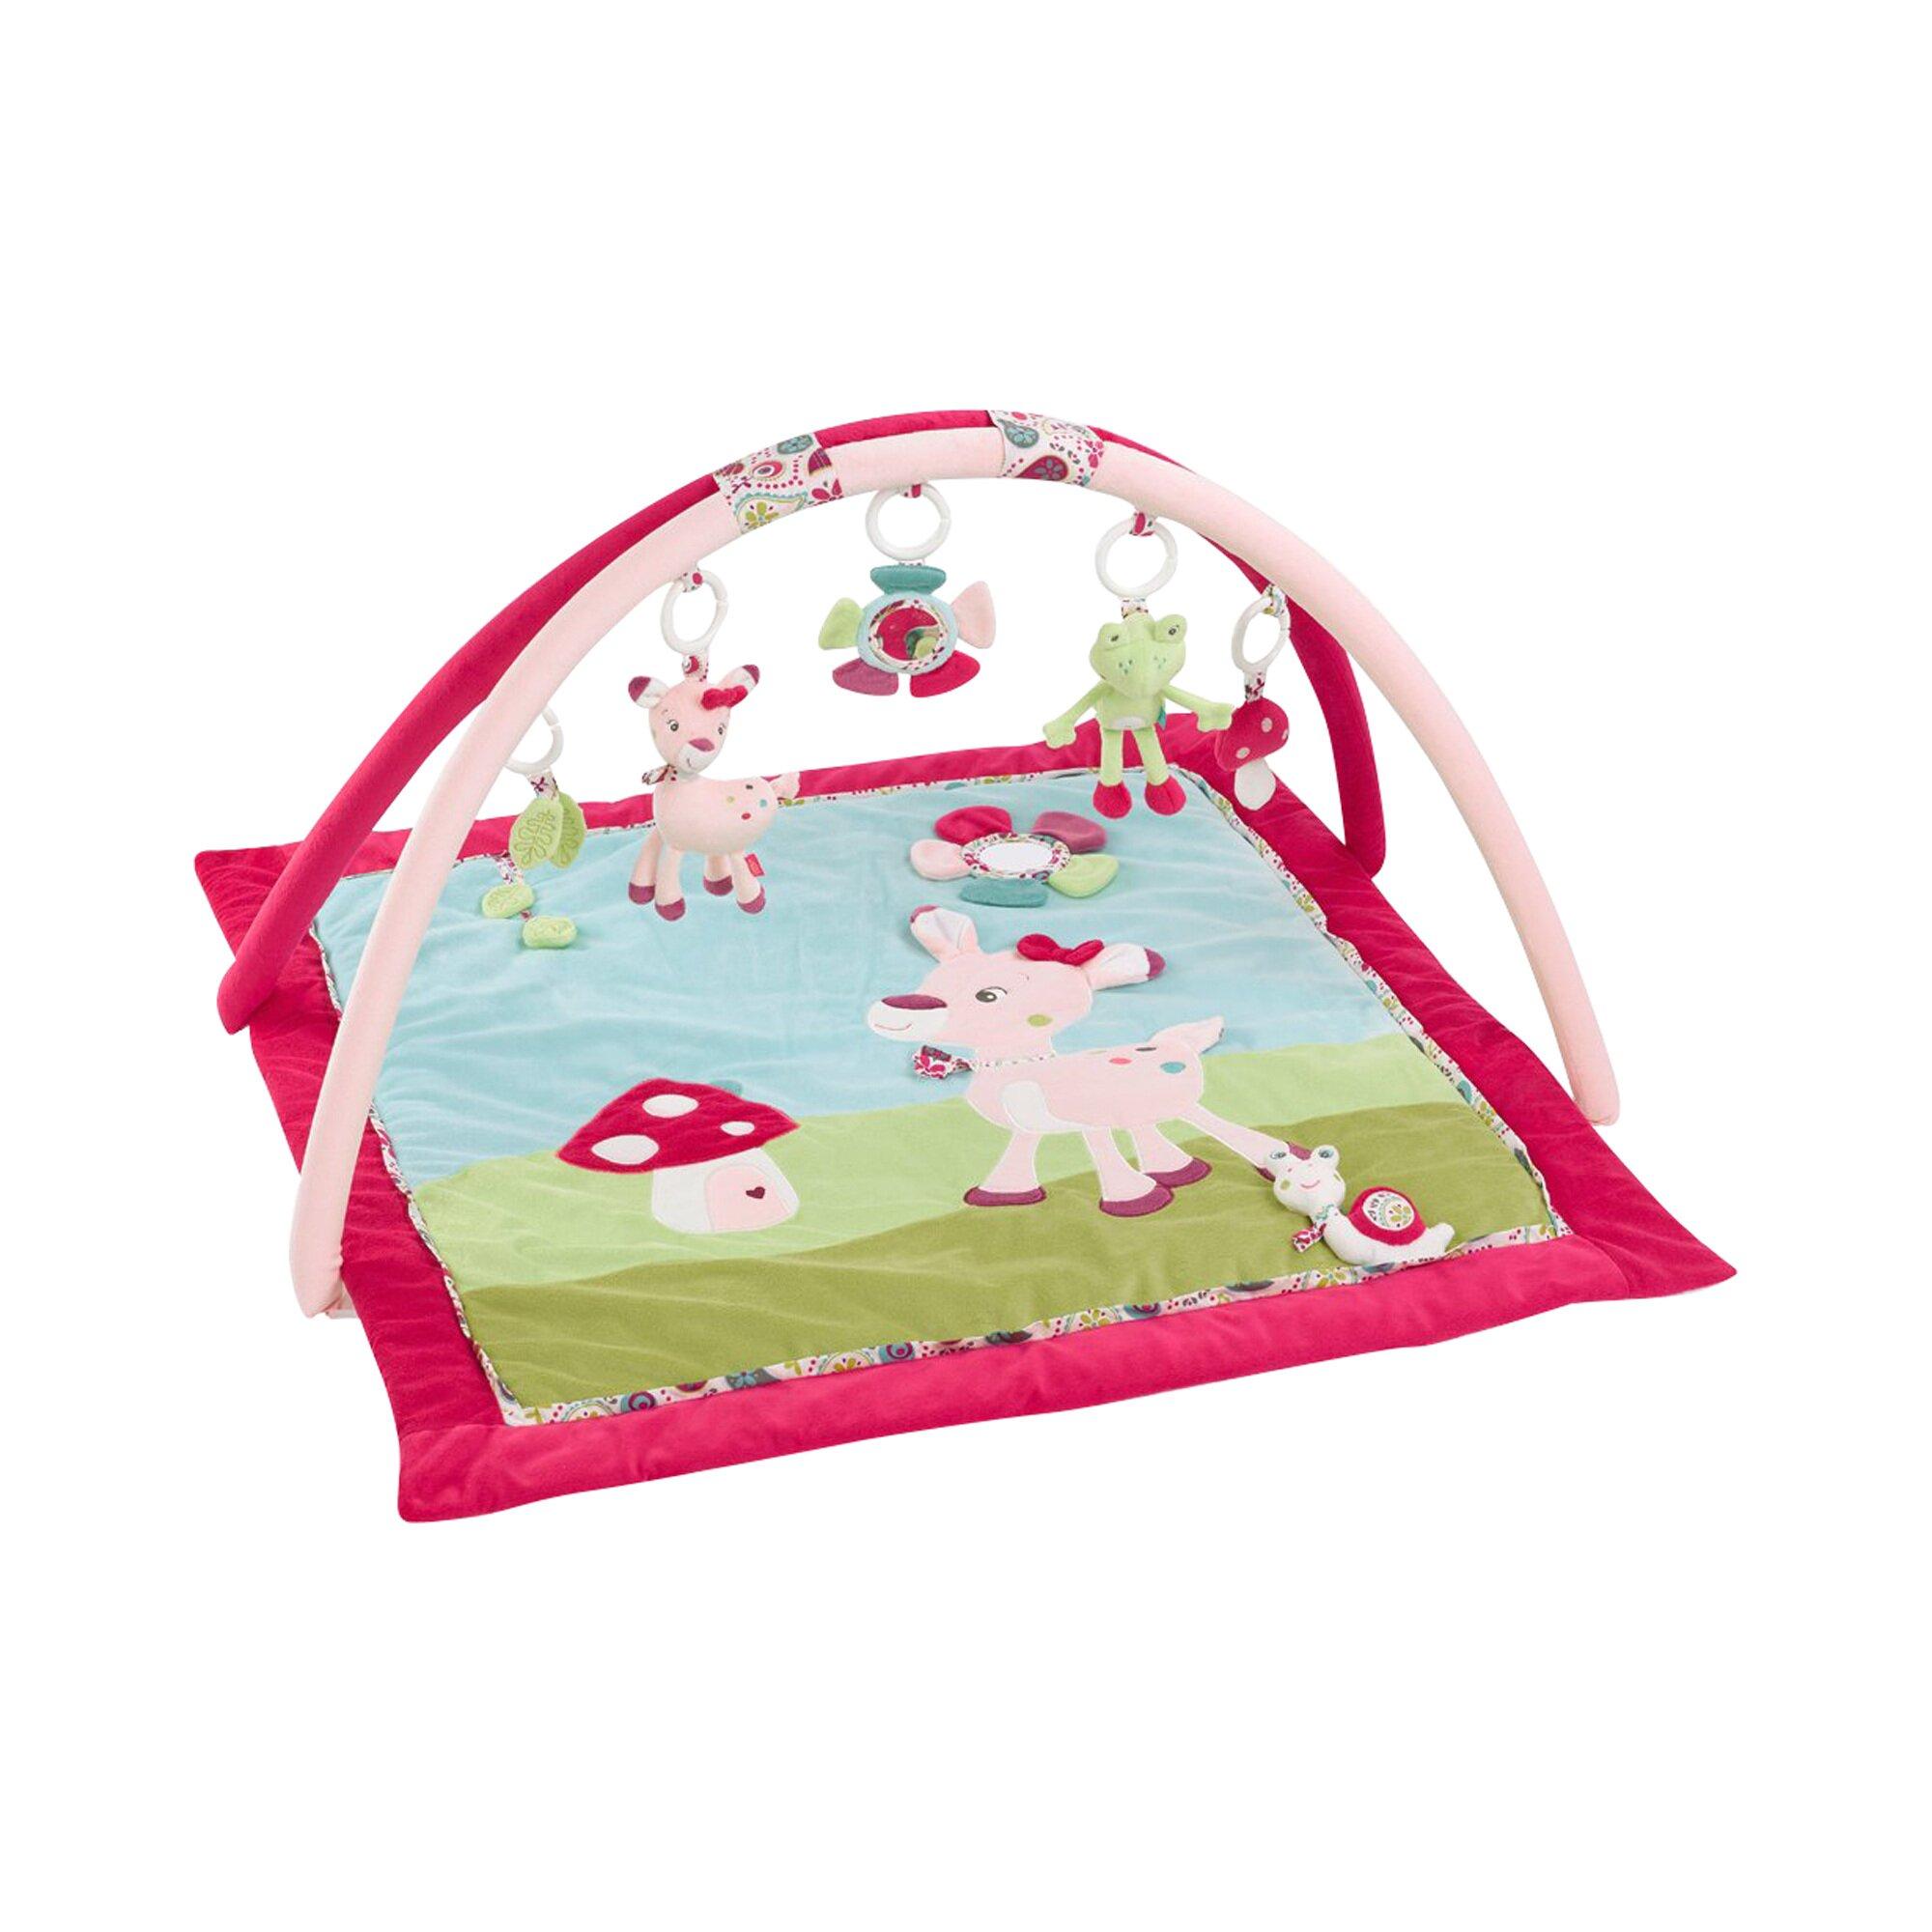 Fehn Spielbogen mit 3-D-Activity-Decke Reh Sweetheart mehrfarbig